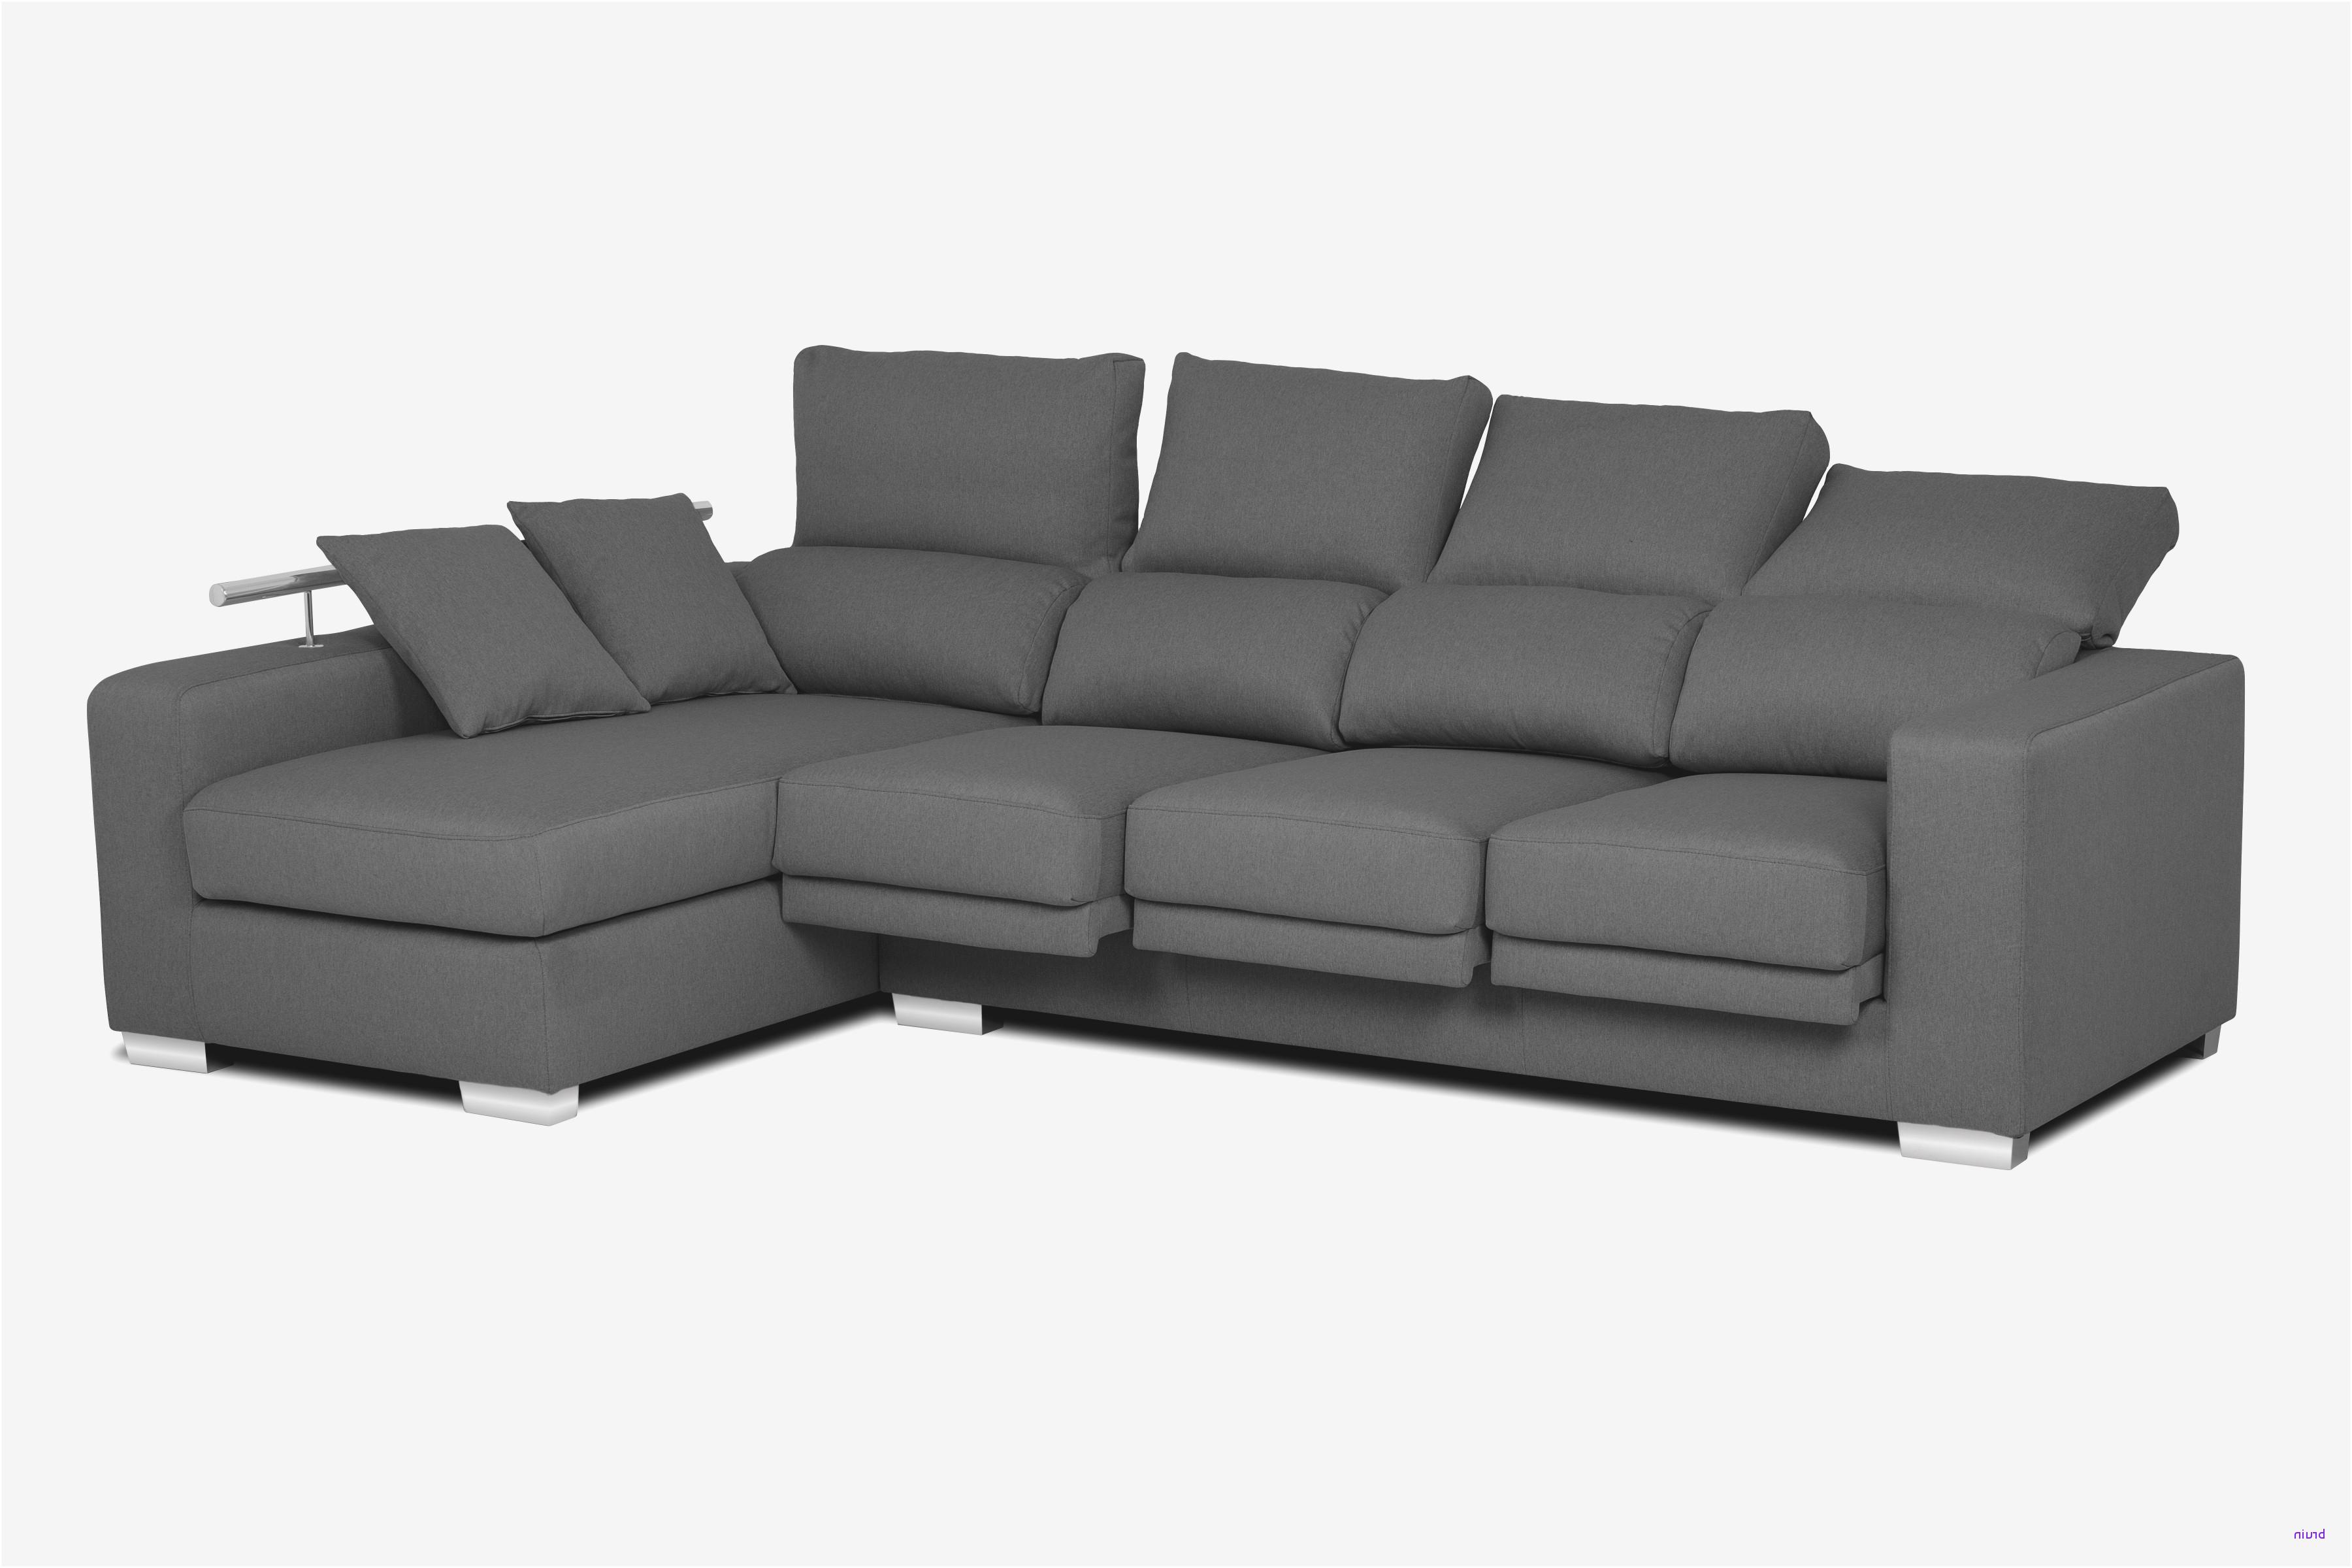 Sofas Cheslong Conforama Q0d4 attirant La Chaise Longue Annecy à 25 Inspirador sofa Cama Conforama